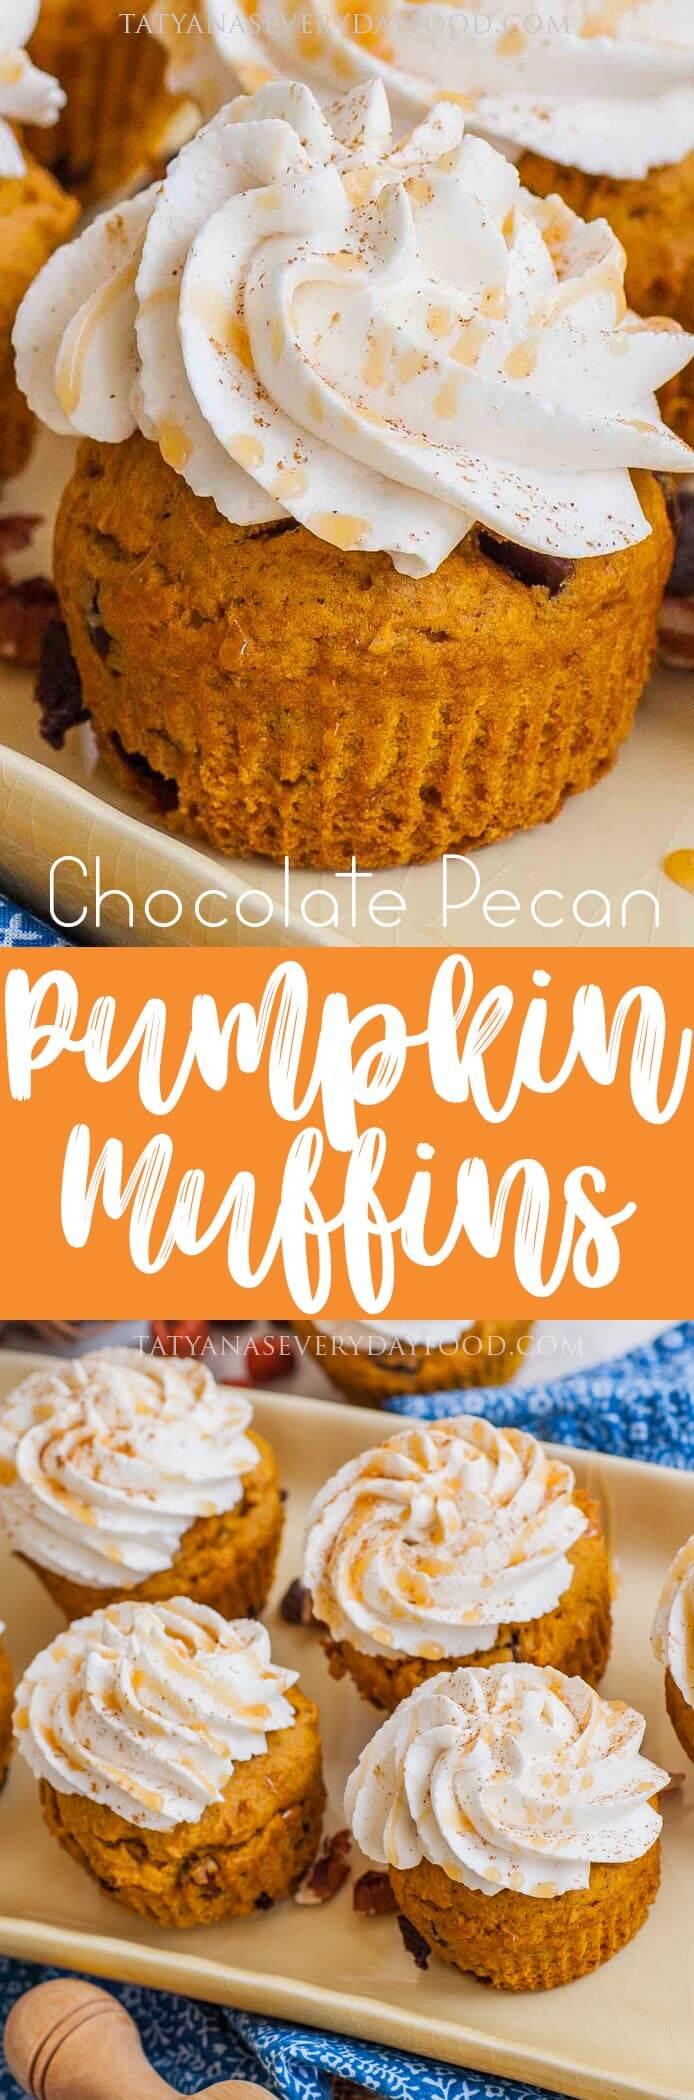 Pumpkin Muffins video recipe